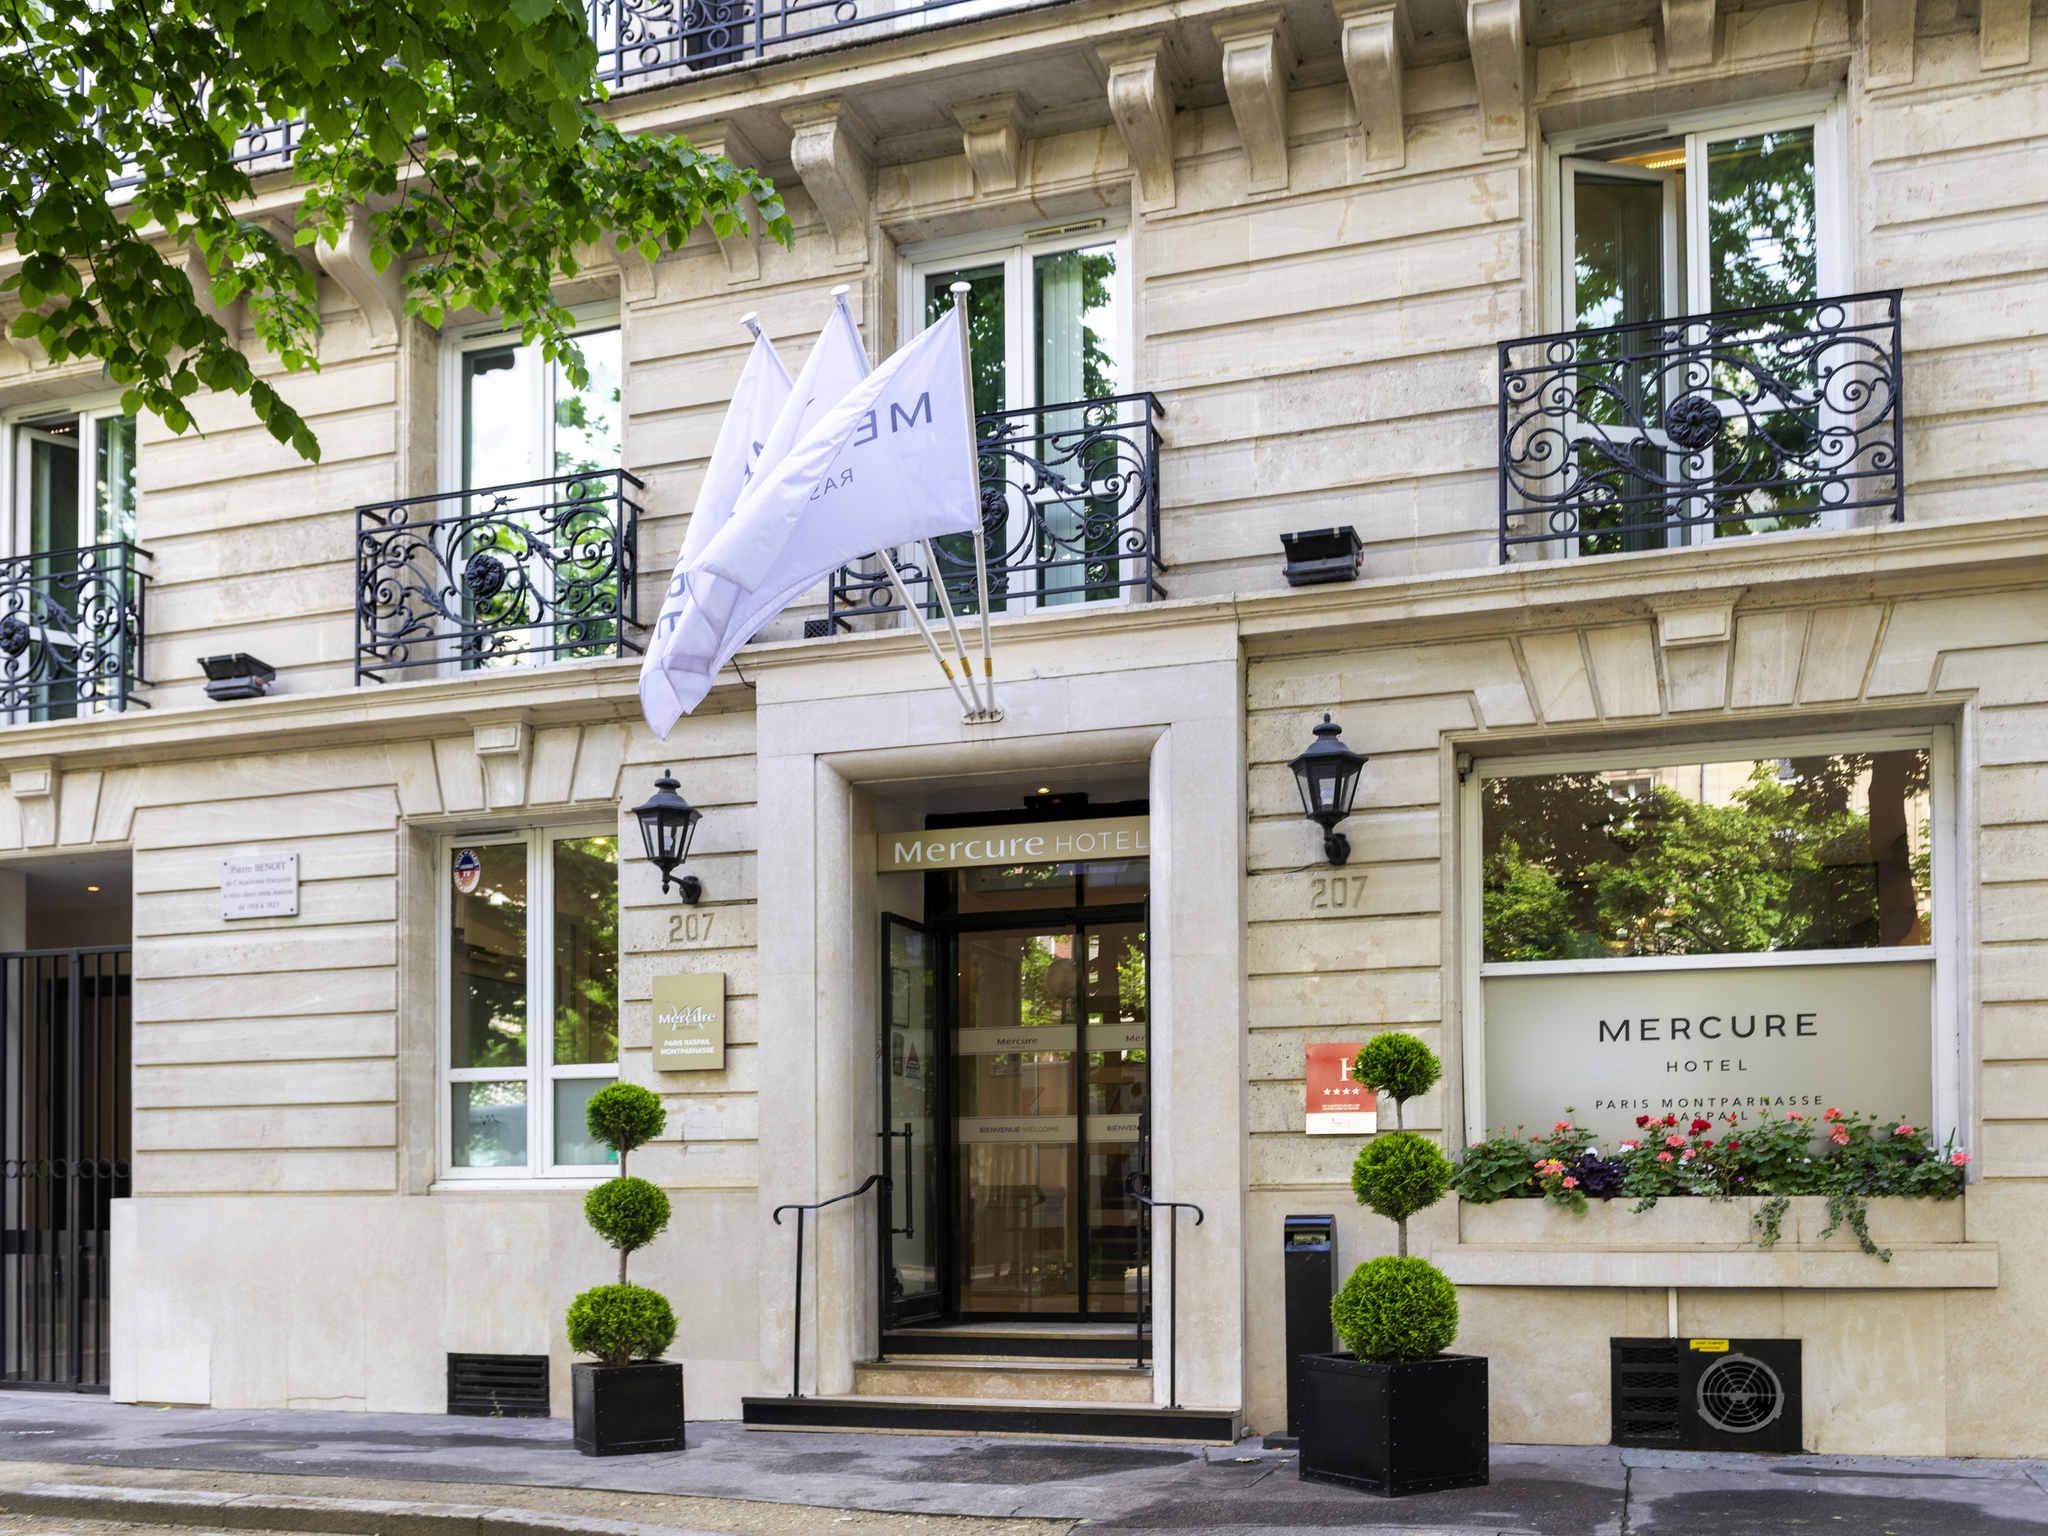 โรงแรม – โรงแรมเมอร์เคียว ปารีส มงต์ปาร์นาส ราสแปล